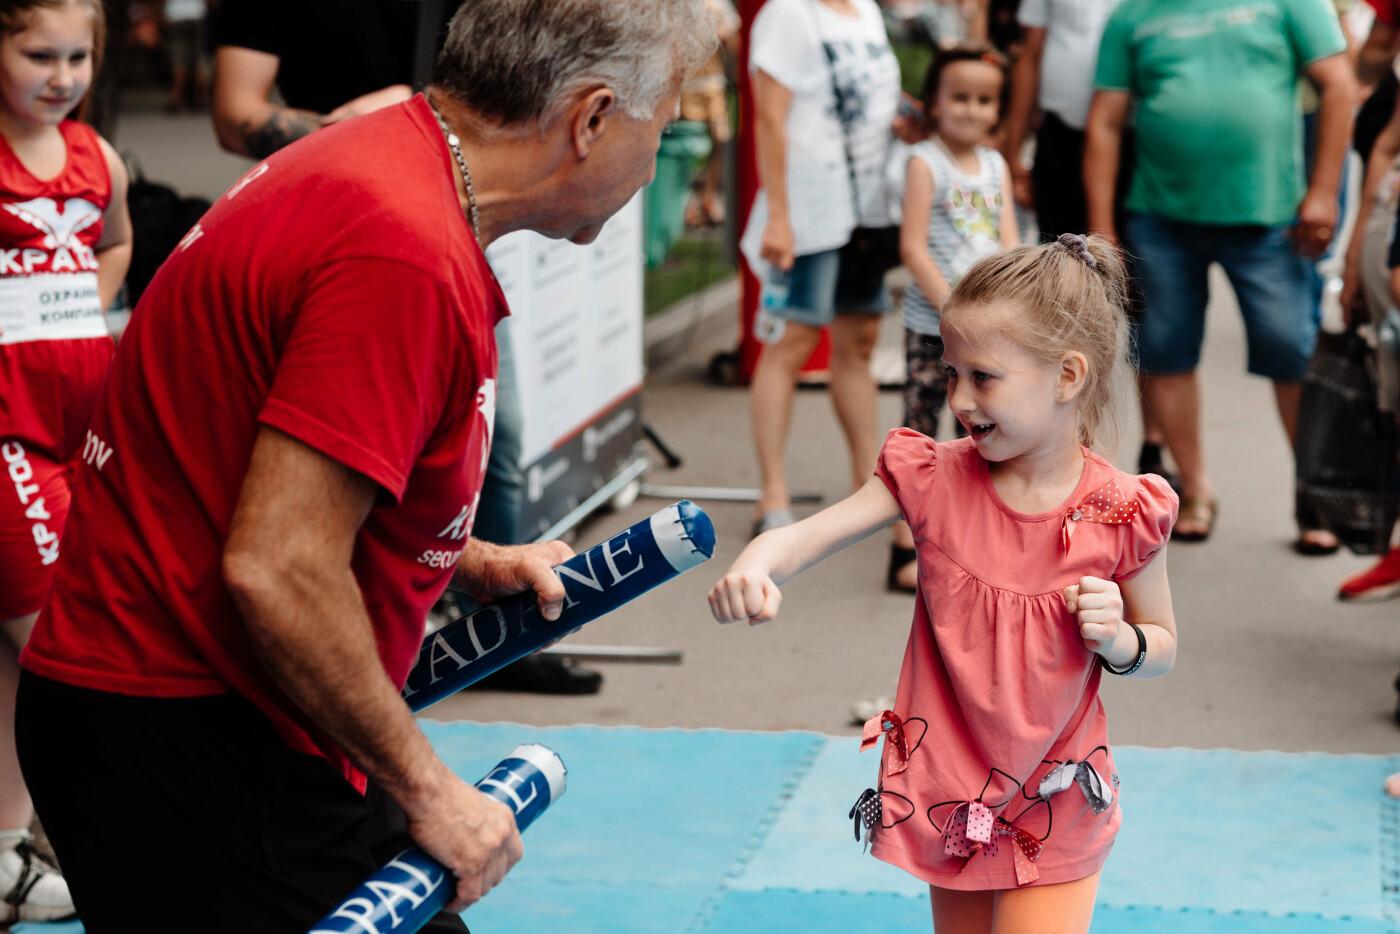 В спорт с детства - в Харькове поддерживают молодых спортсменов , фото-8